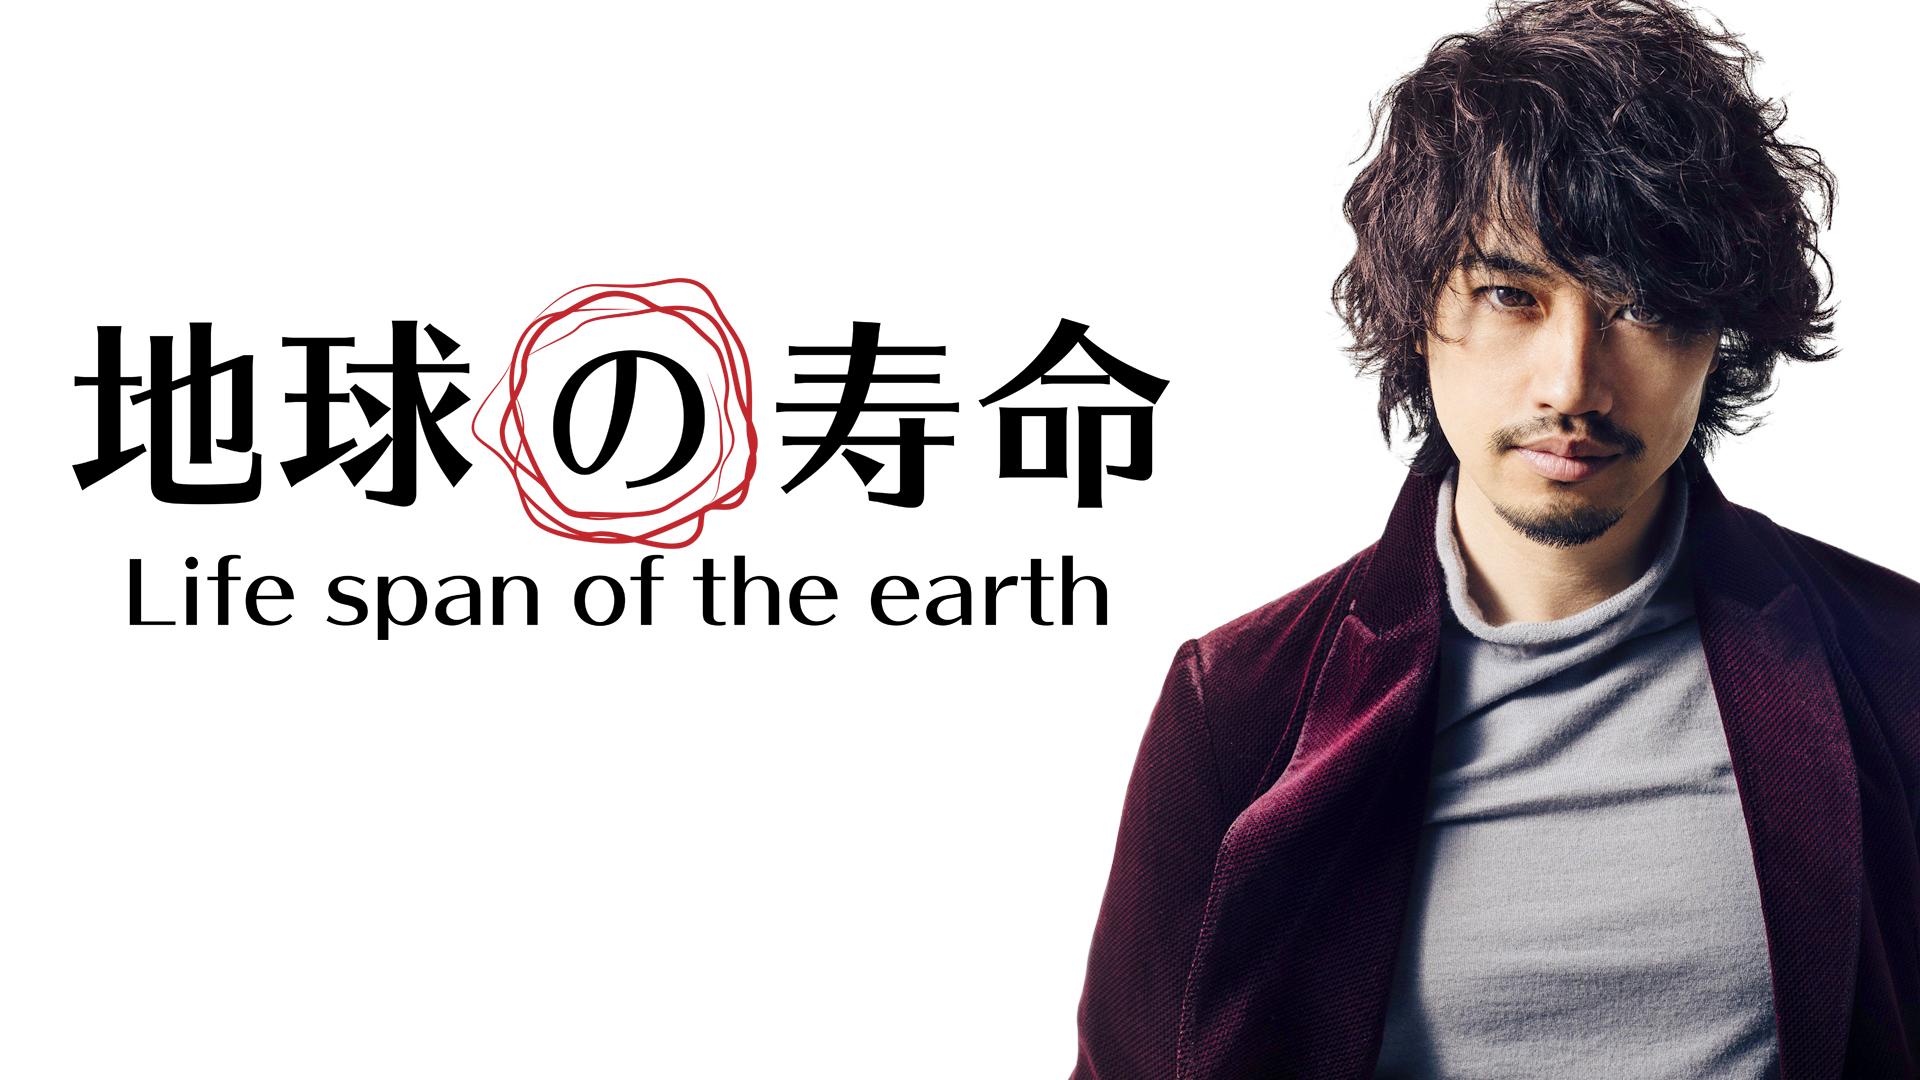 10月7日(日)00:30 O.A. <br>dTVチャンネル「地球の寿命」初回スタート!